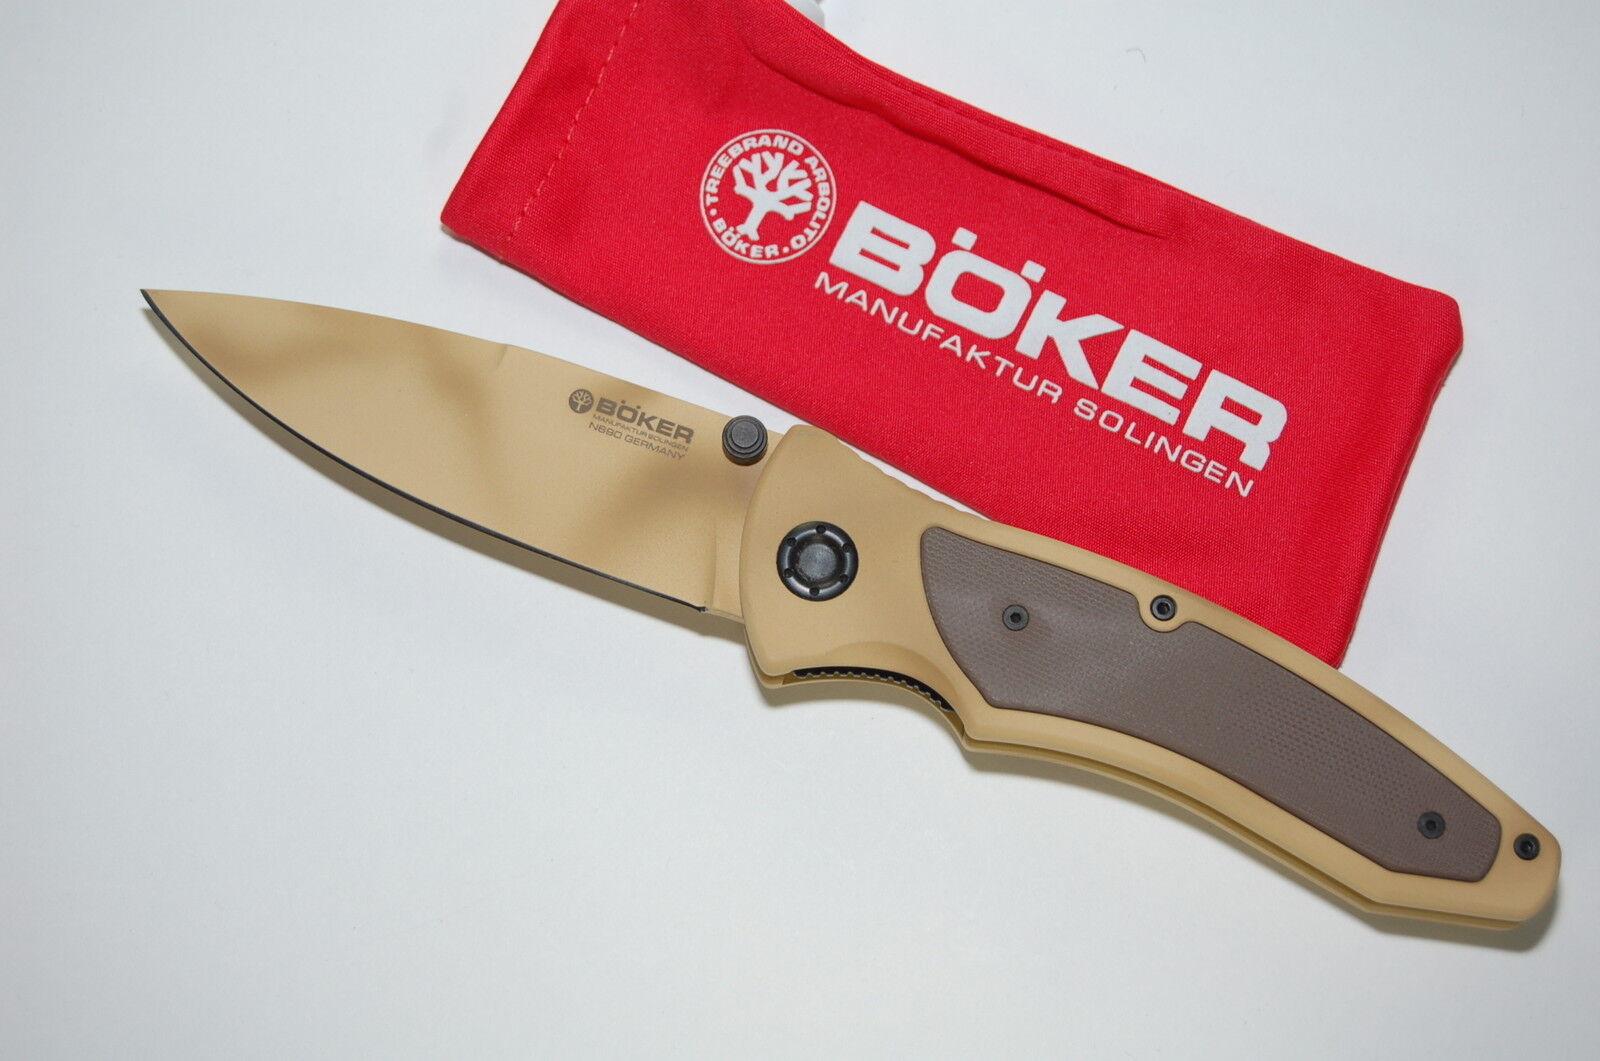 Böker Special Run TF D Einhandmesser Sammlermesserlimitiert 008 199 110290 110290 110290 25a030